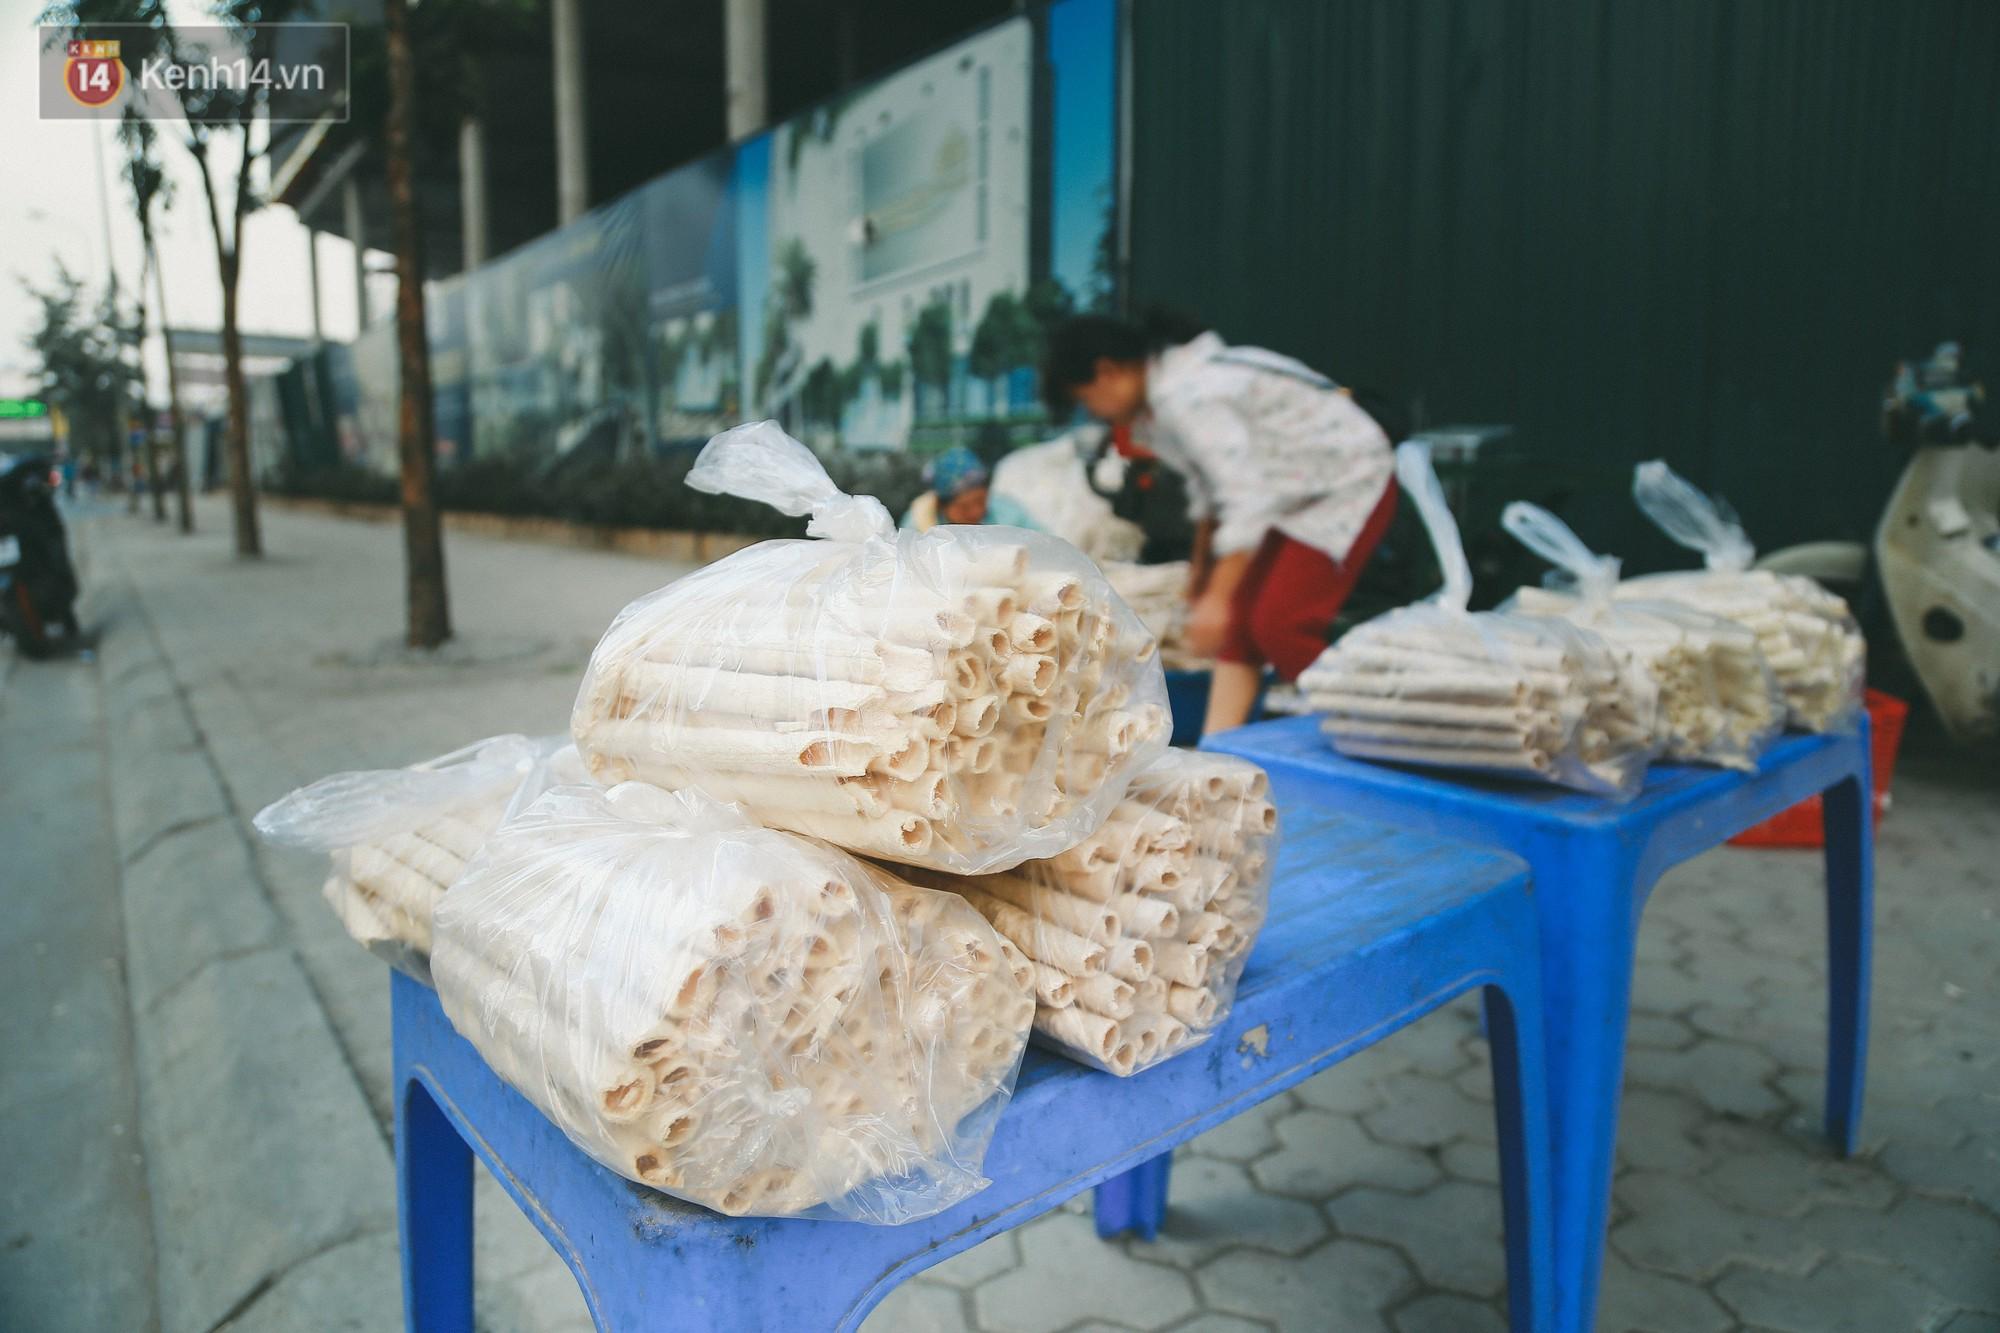 Góc quay về tuổi thơ: bánh gạo ống dân dã miền quê nhưng ai cũng mê và lỡ ăn rồi sẽ bị nghiện ngay - Hình 5